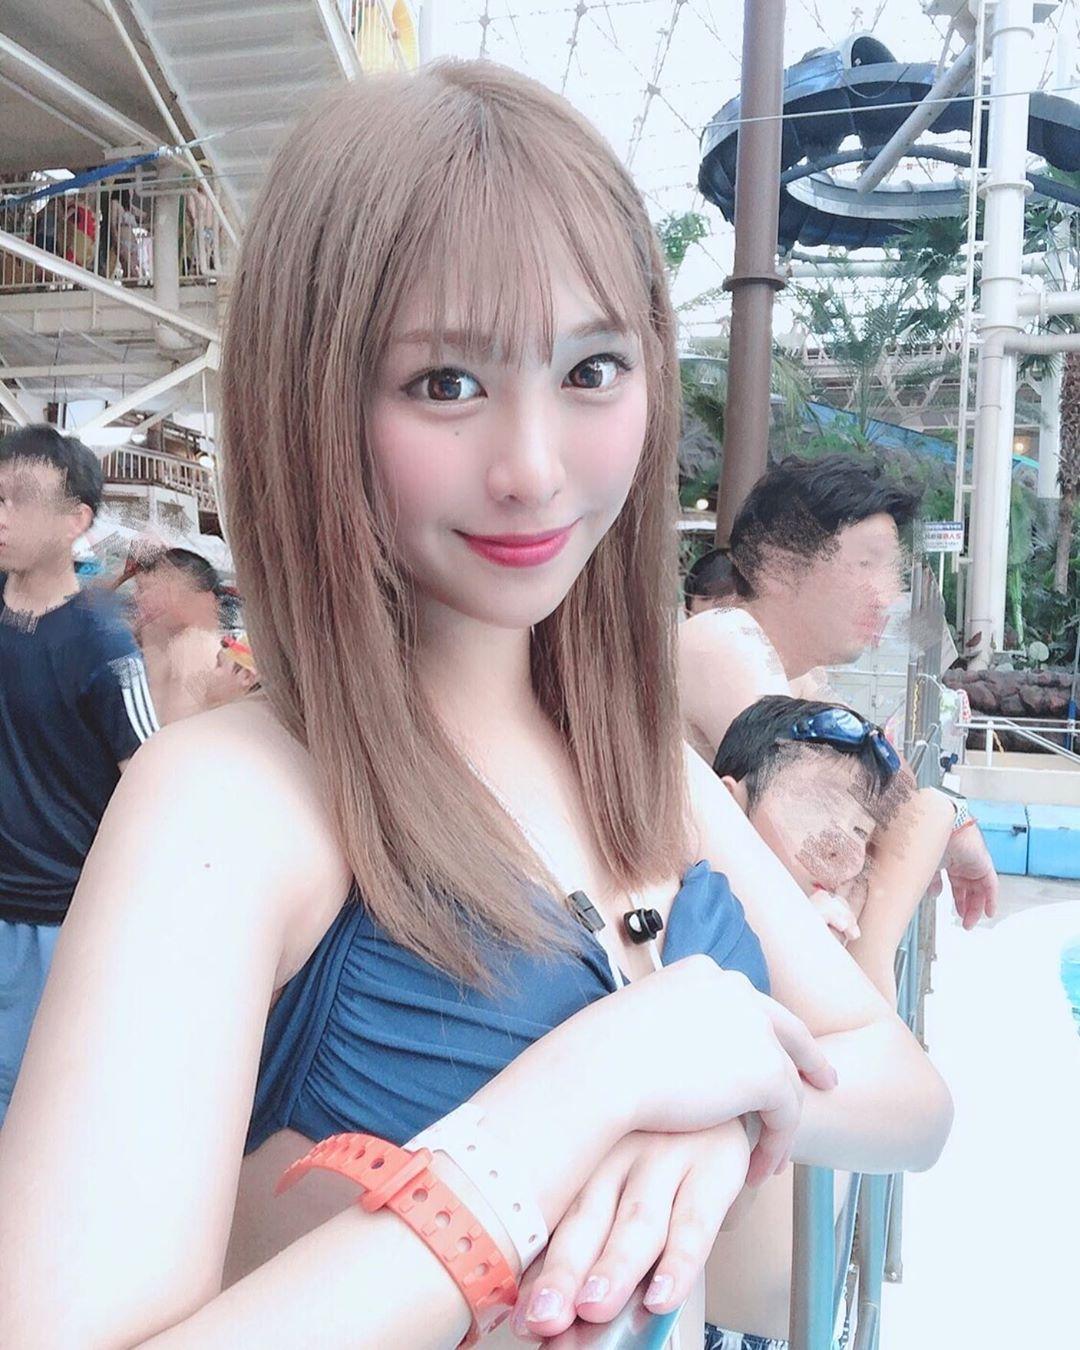 超疗愈!日本「甜美Youtuber」游乐园玩水「超凶比」配上无敌笑颜好犯规!-新图包